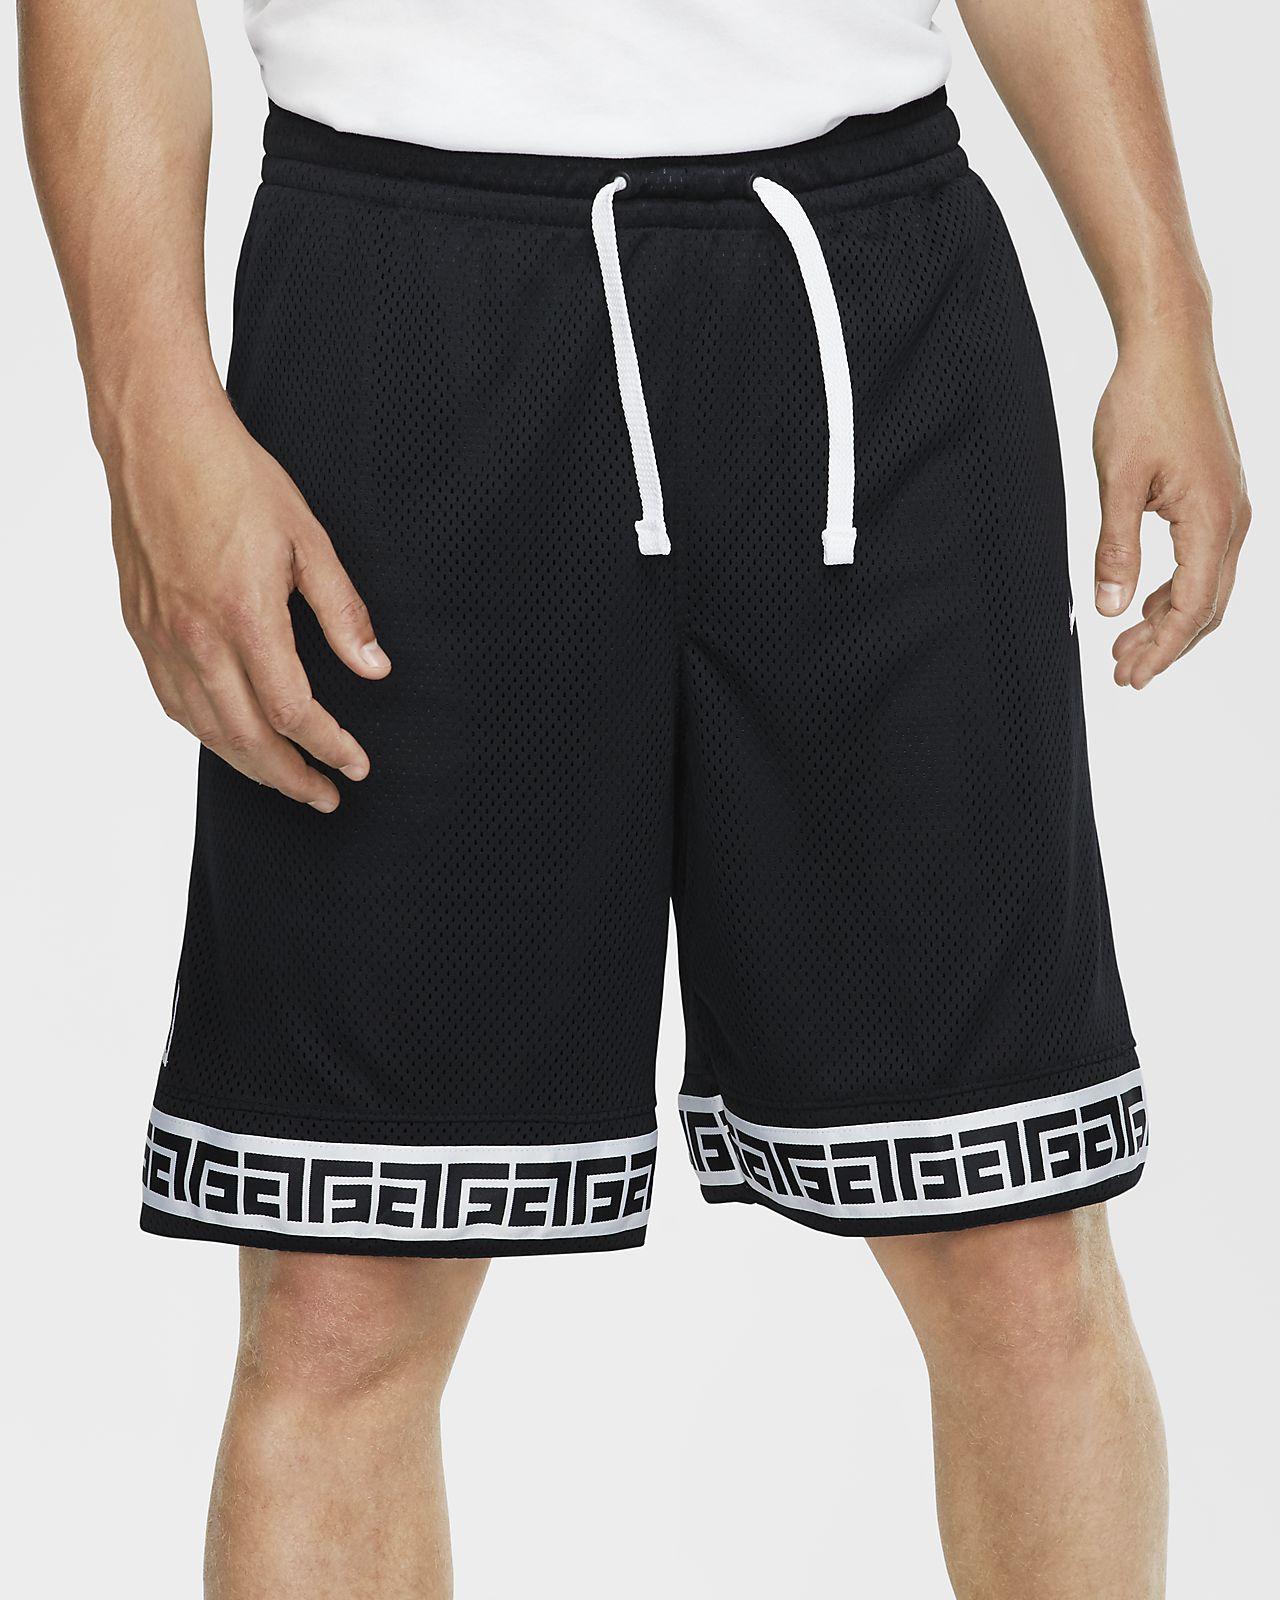 Shorts de básquetbol con logotipo para hombre Giannis